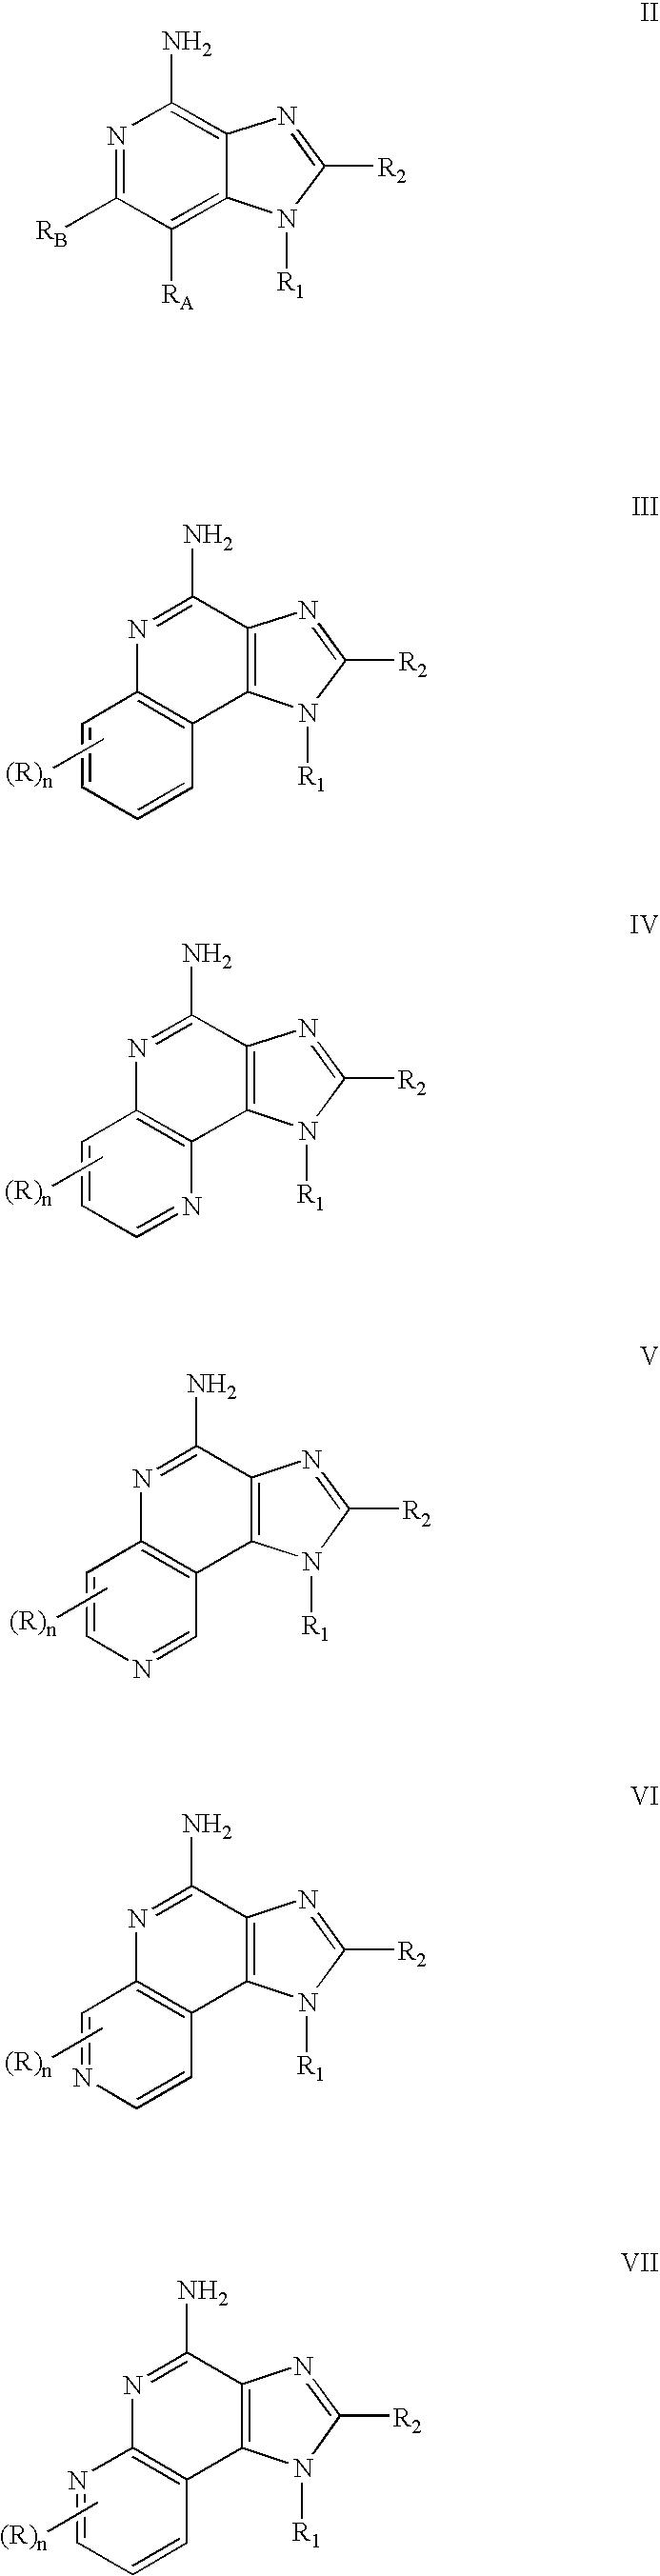 Figure US20060189644A1-20060824-C00002